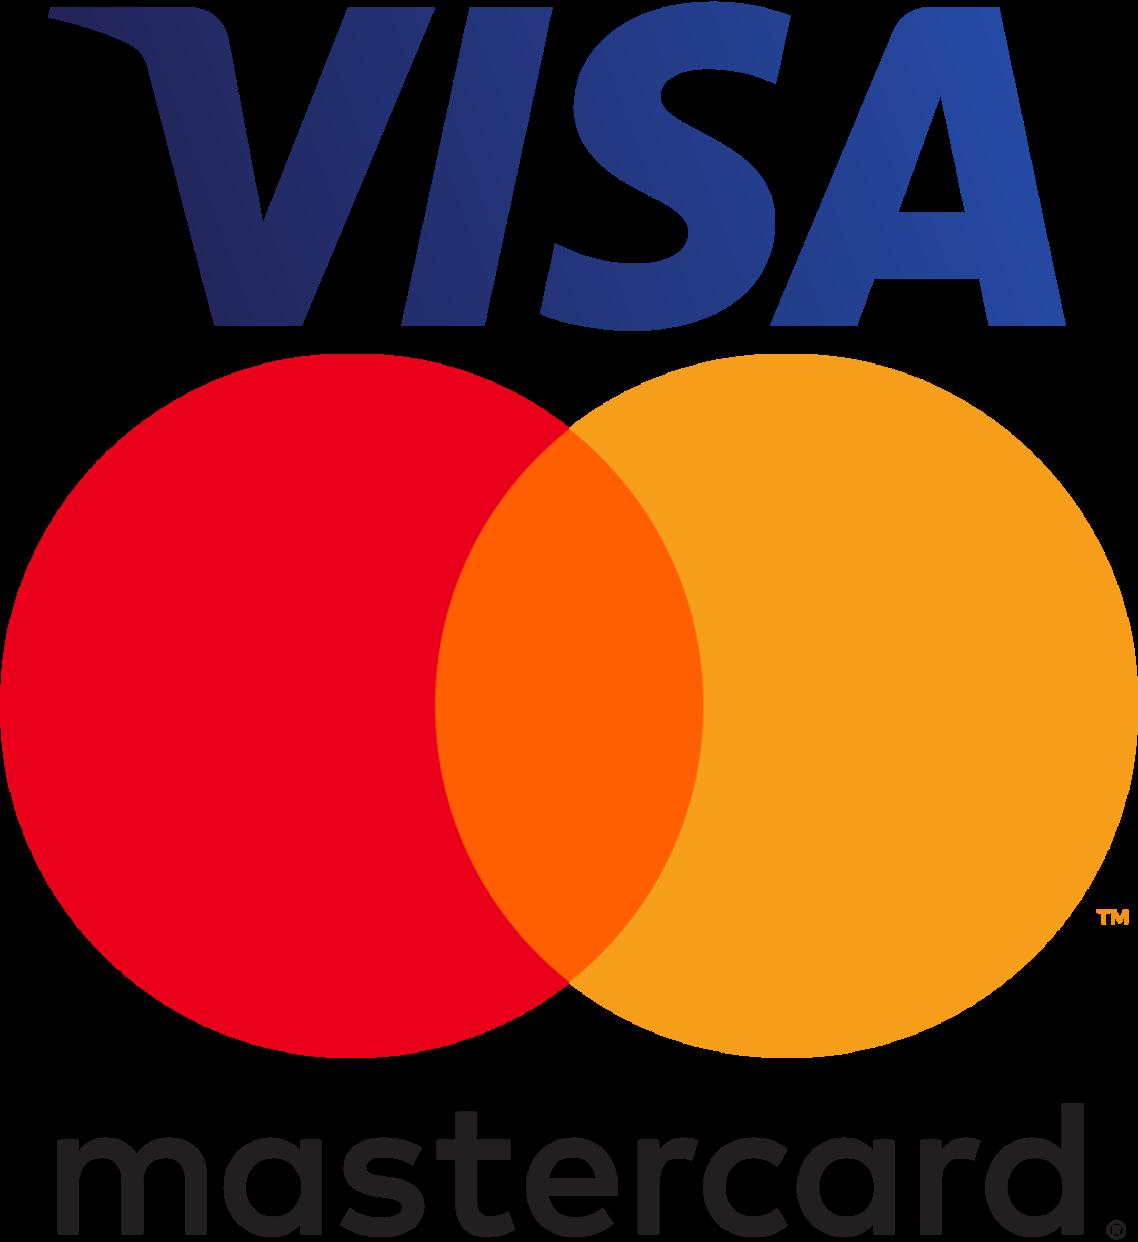 visamastercard%203.png